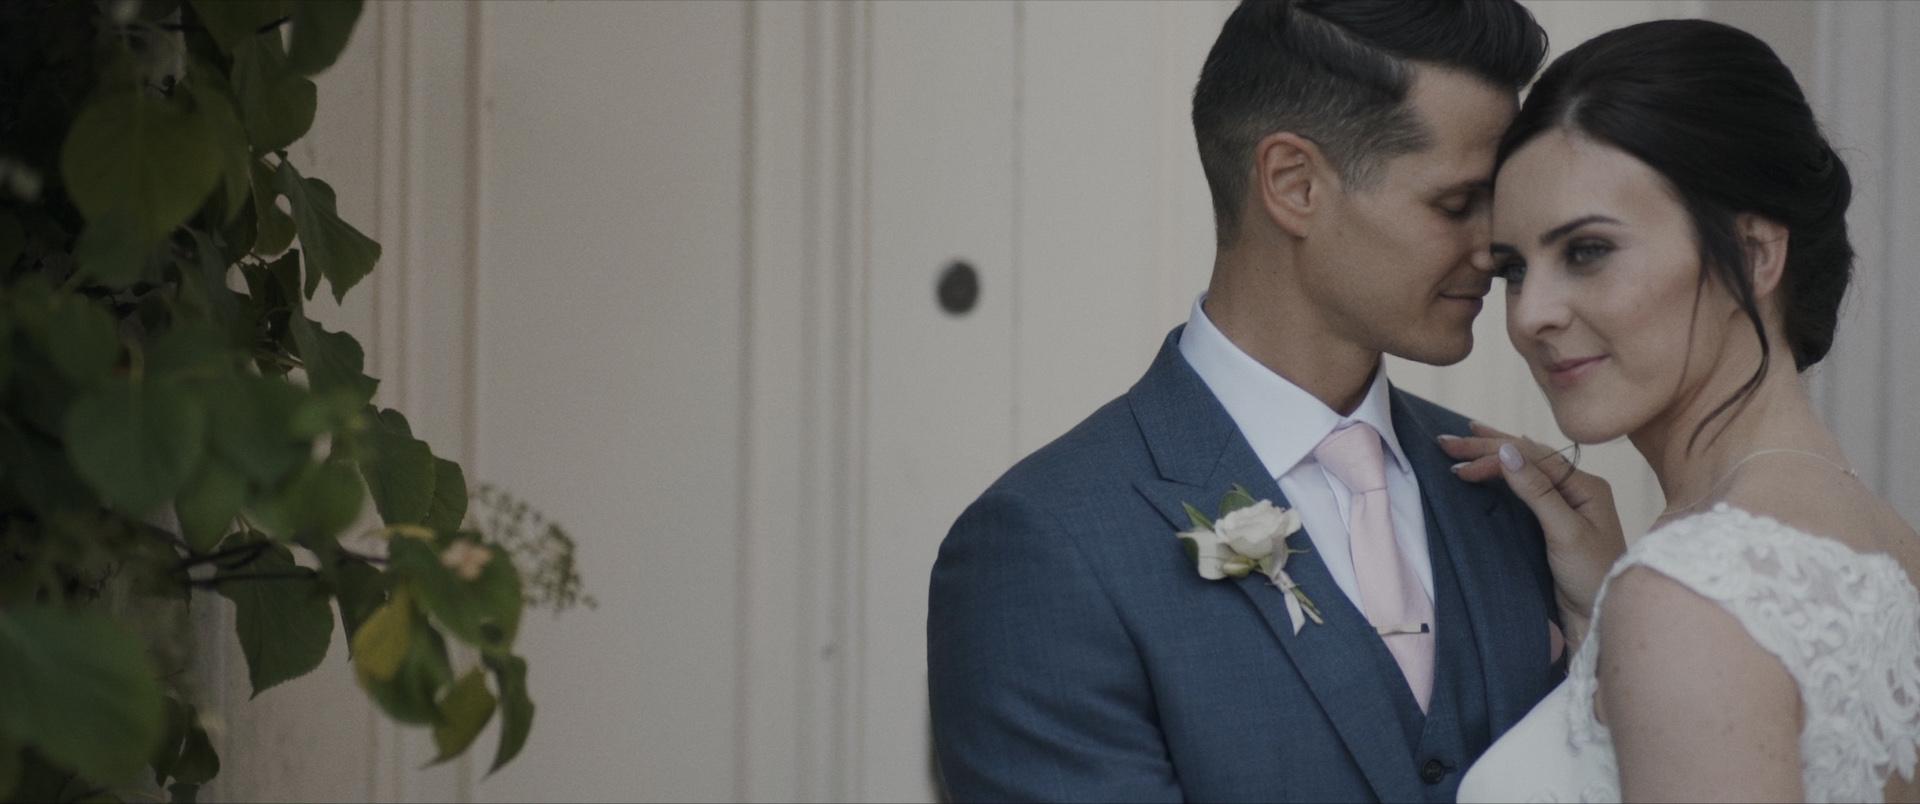 wedding-videographer-north-east-wynyard-hall-luxury-wedding